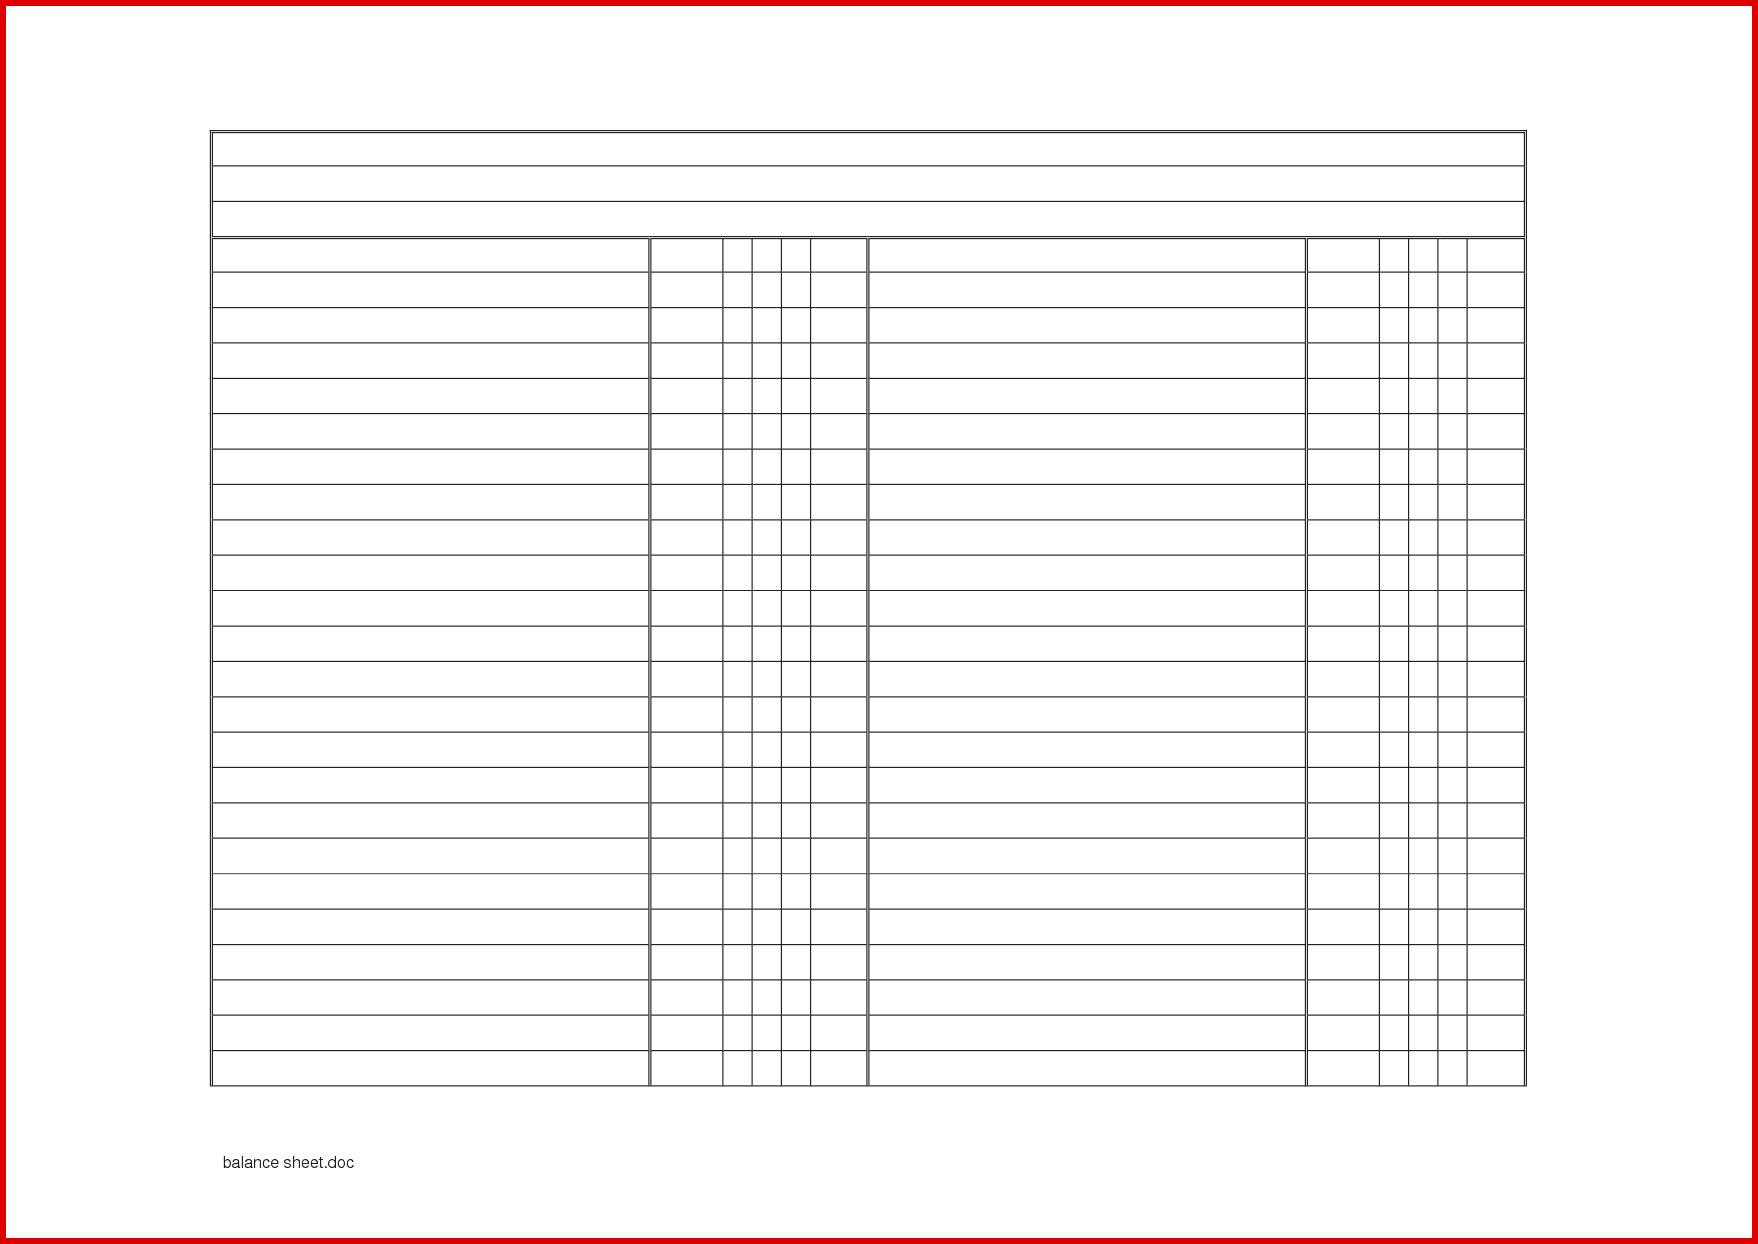 New Blank Balance Sheet Exceltemplate Xls Xlstemplate Xlsformat Excelformat Microsoftexce Balance Sheet Template Address Book Template Checklist Template